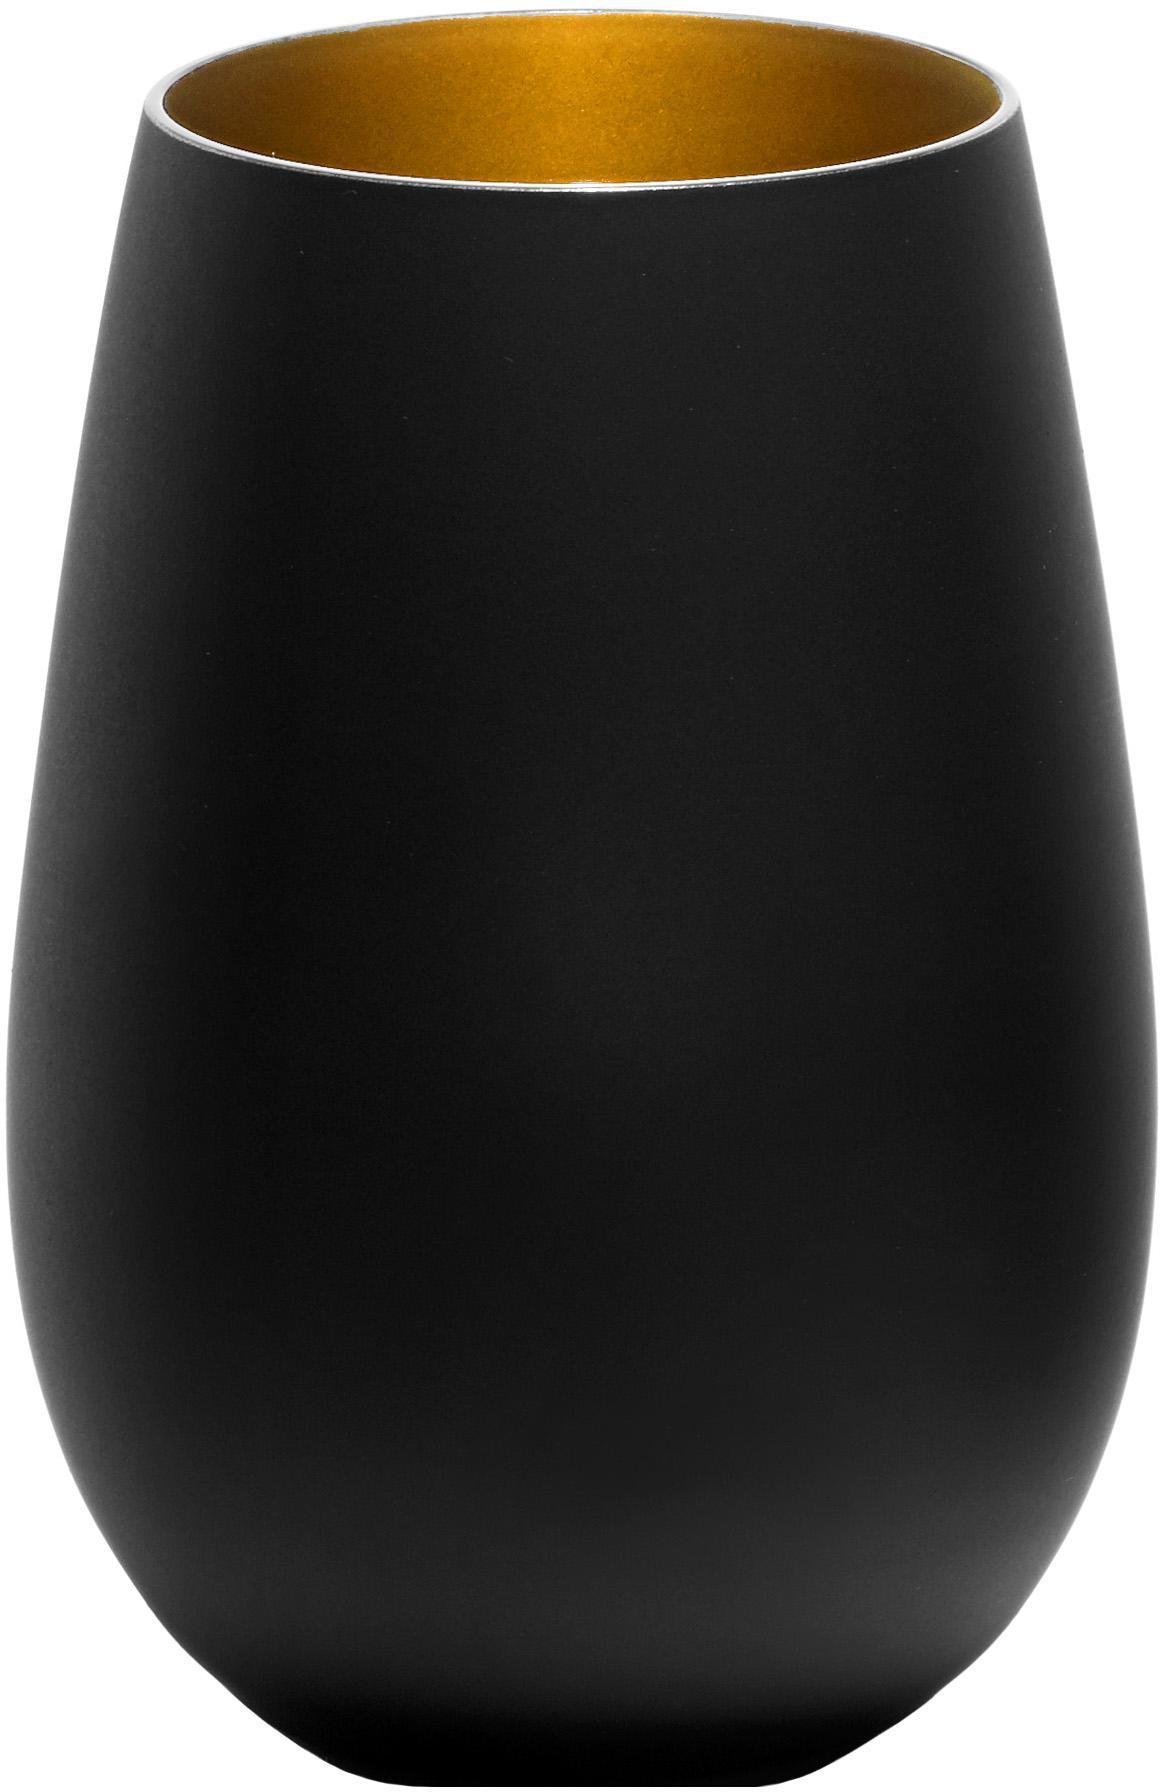 Kryształowa szklanka do koktajli Elements, 6 szt., Szkło kryształowe, powlekany, Czarny, odcienie mosiądzu, Ø 9 x W 12 cm